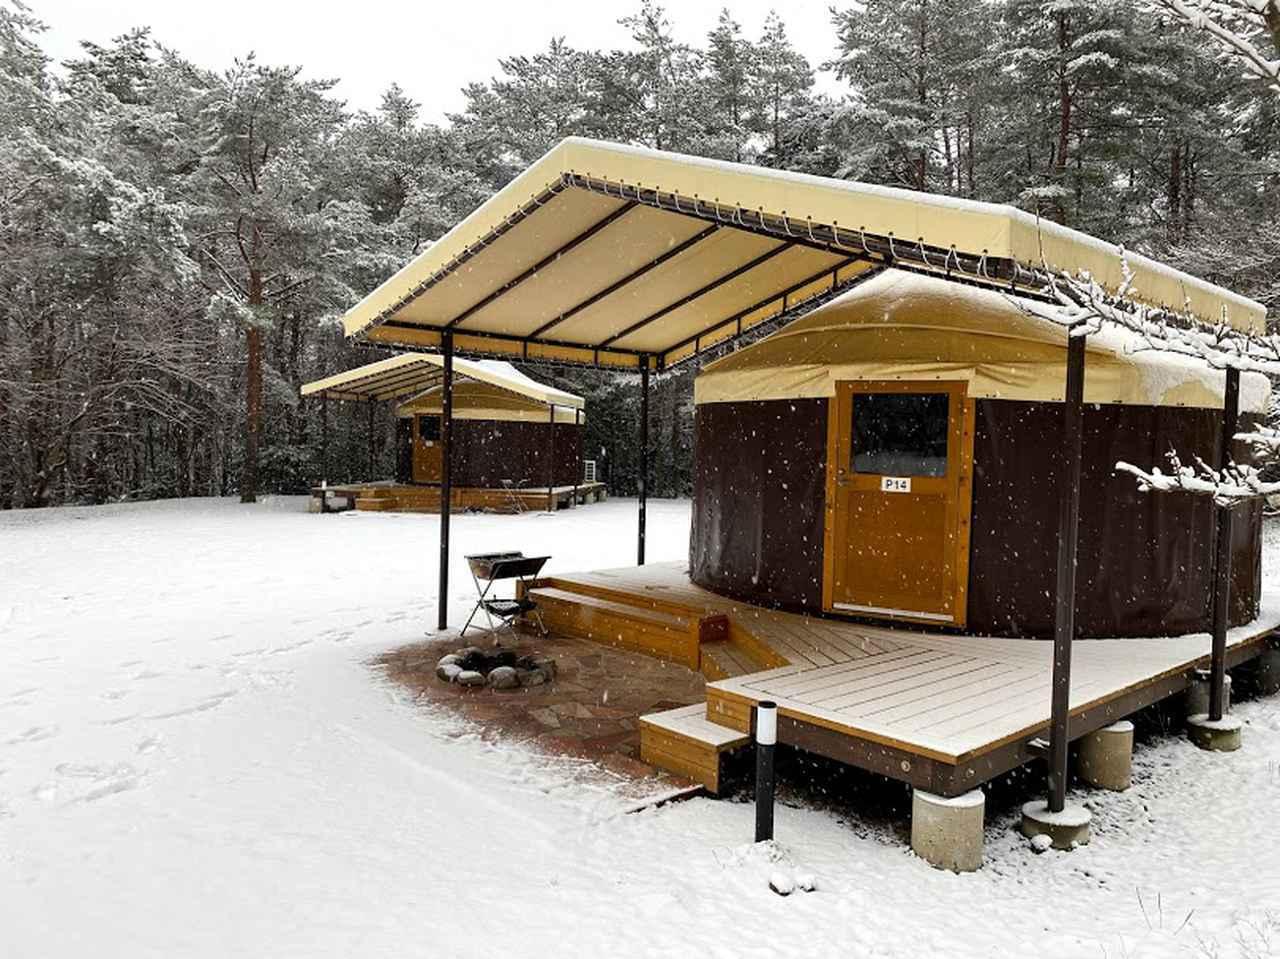 画像: 【冬キャンプデビューにおすすめ】暖房あり・設営なしの「パオ」でらくらく雪中キャンプ 体験レポ - ハピキャン(HAPPY CAMPER)